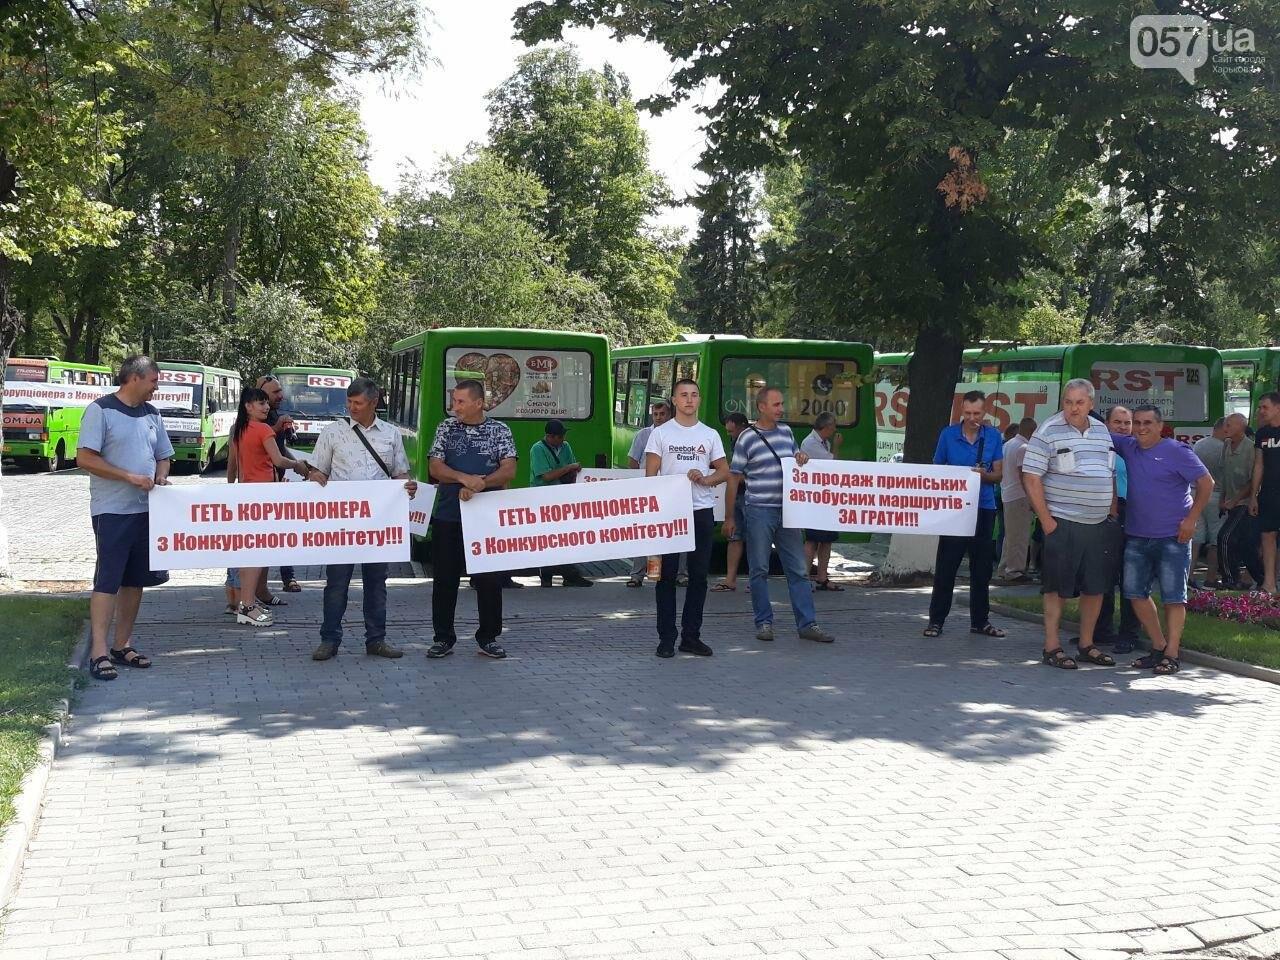 «Долой коррупцию»: в Харькове протестовали сотрудники самого крупного пассажирского перевозчика в области, - ФОТО, фото-17